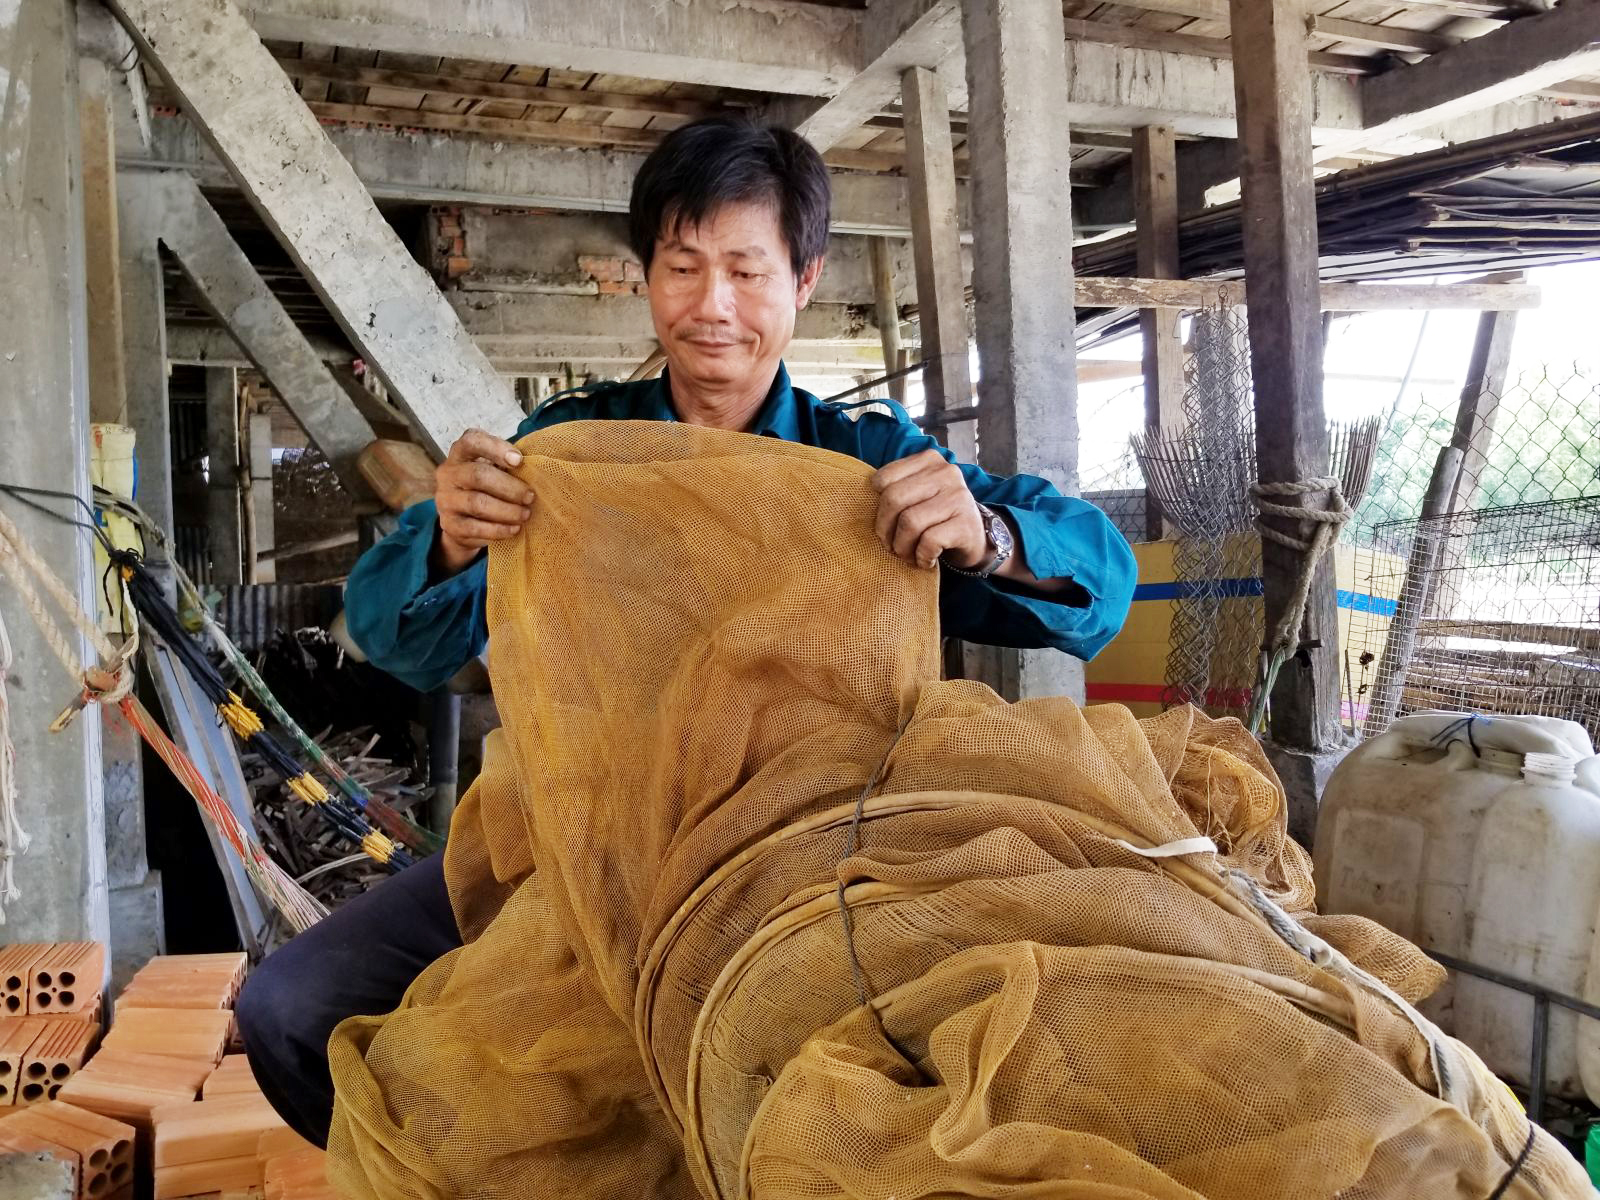 Ông Trần Văn Trân tỏ ra tiếc rẻ vì những cái dớn được ông chuẩn bị sẵn nhưng chưa có cơ hội mang đi đặt bắt cá.